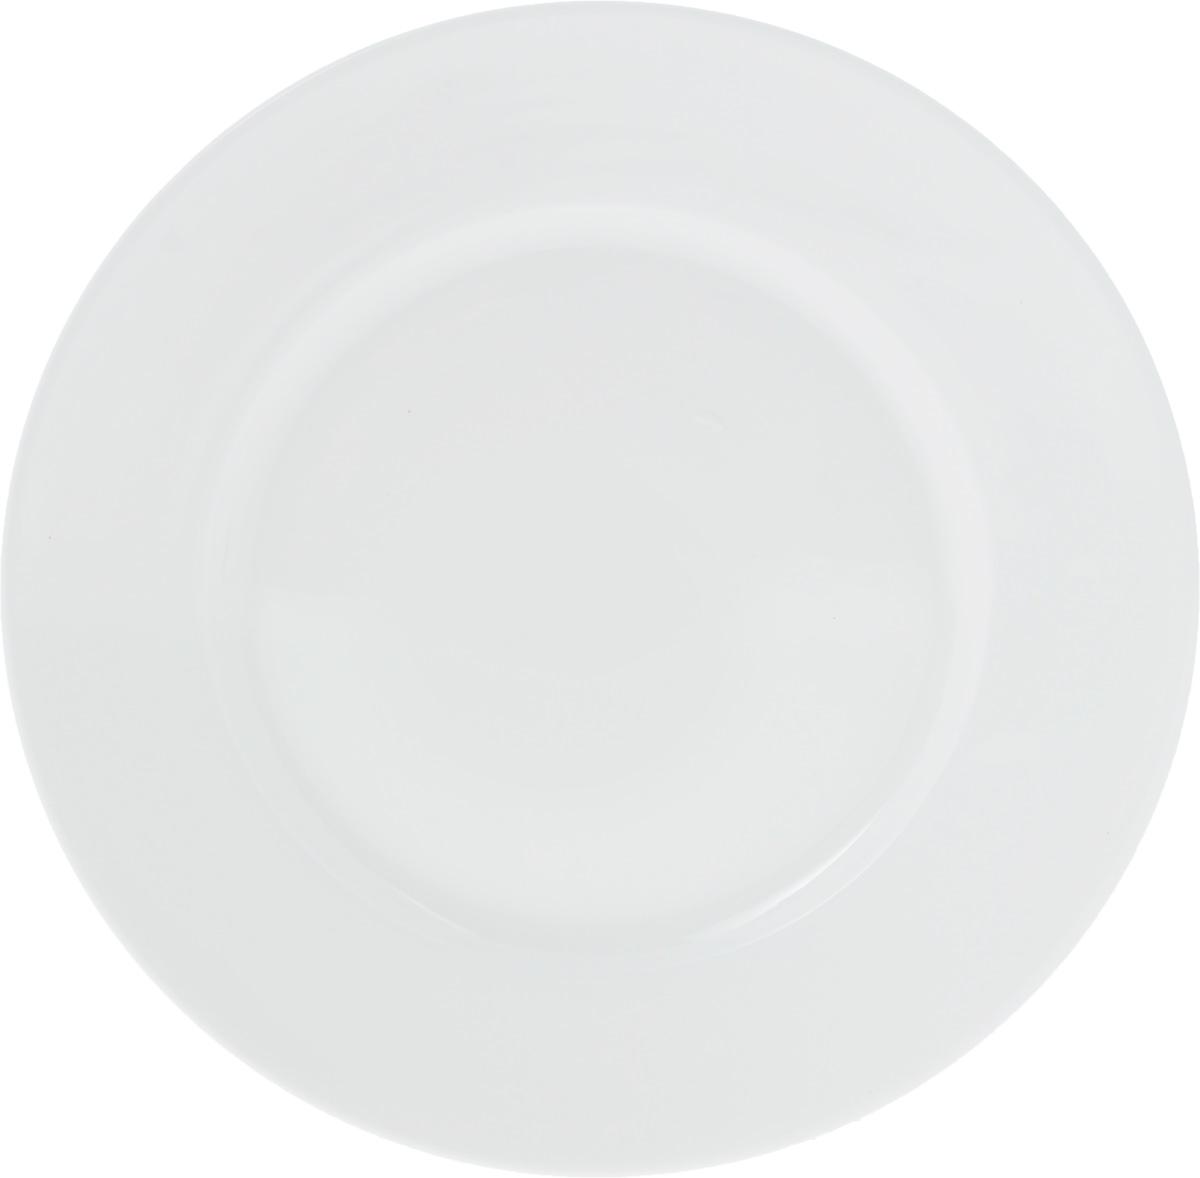 Тарелка Wilmax, диаметр 17,5 см. WL-991005 / AWL-991005 / AТарелка Wilmax, выполненная из высококачественного фарфора, имеет классическую круглую форму. Изделие идеально подойдет для сервировки стола и станет отличным подарком к любому празднику.